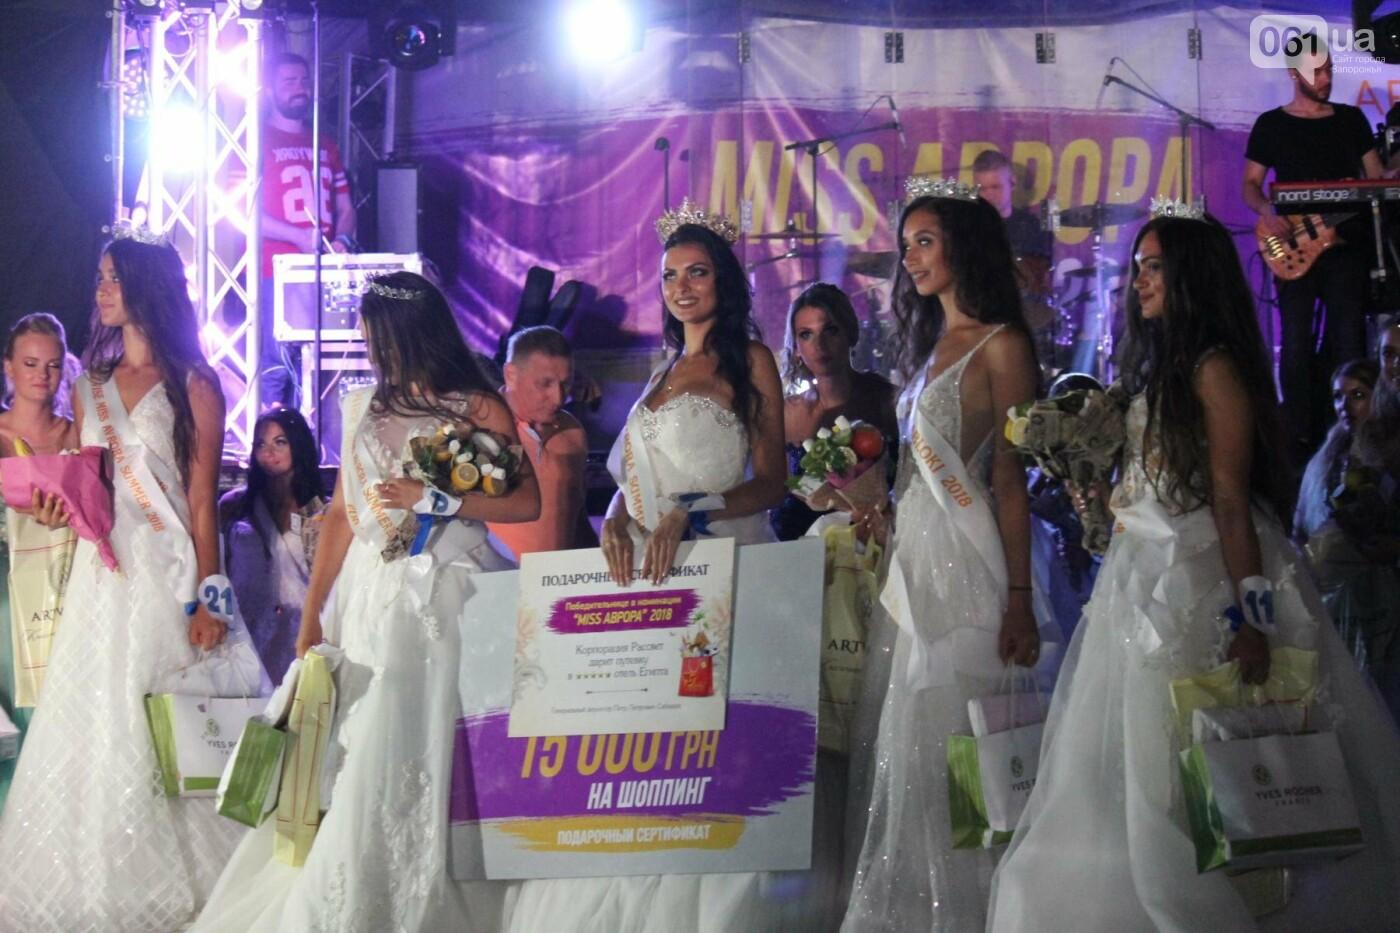 «Miss AVRORA Summer 2018»: в Запорожье на конкурсе красоты выбрали самую красивую девушку, – ФОТОРЕПОРТАЖ, фото-10